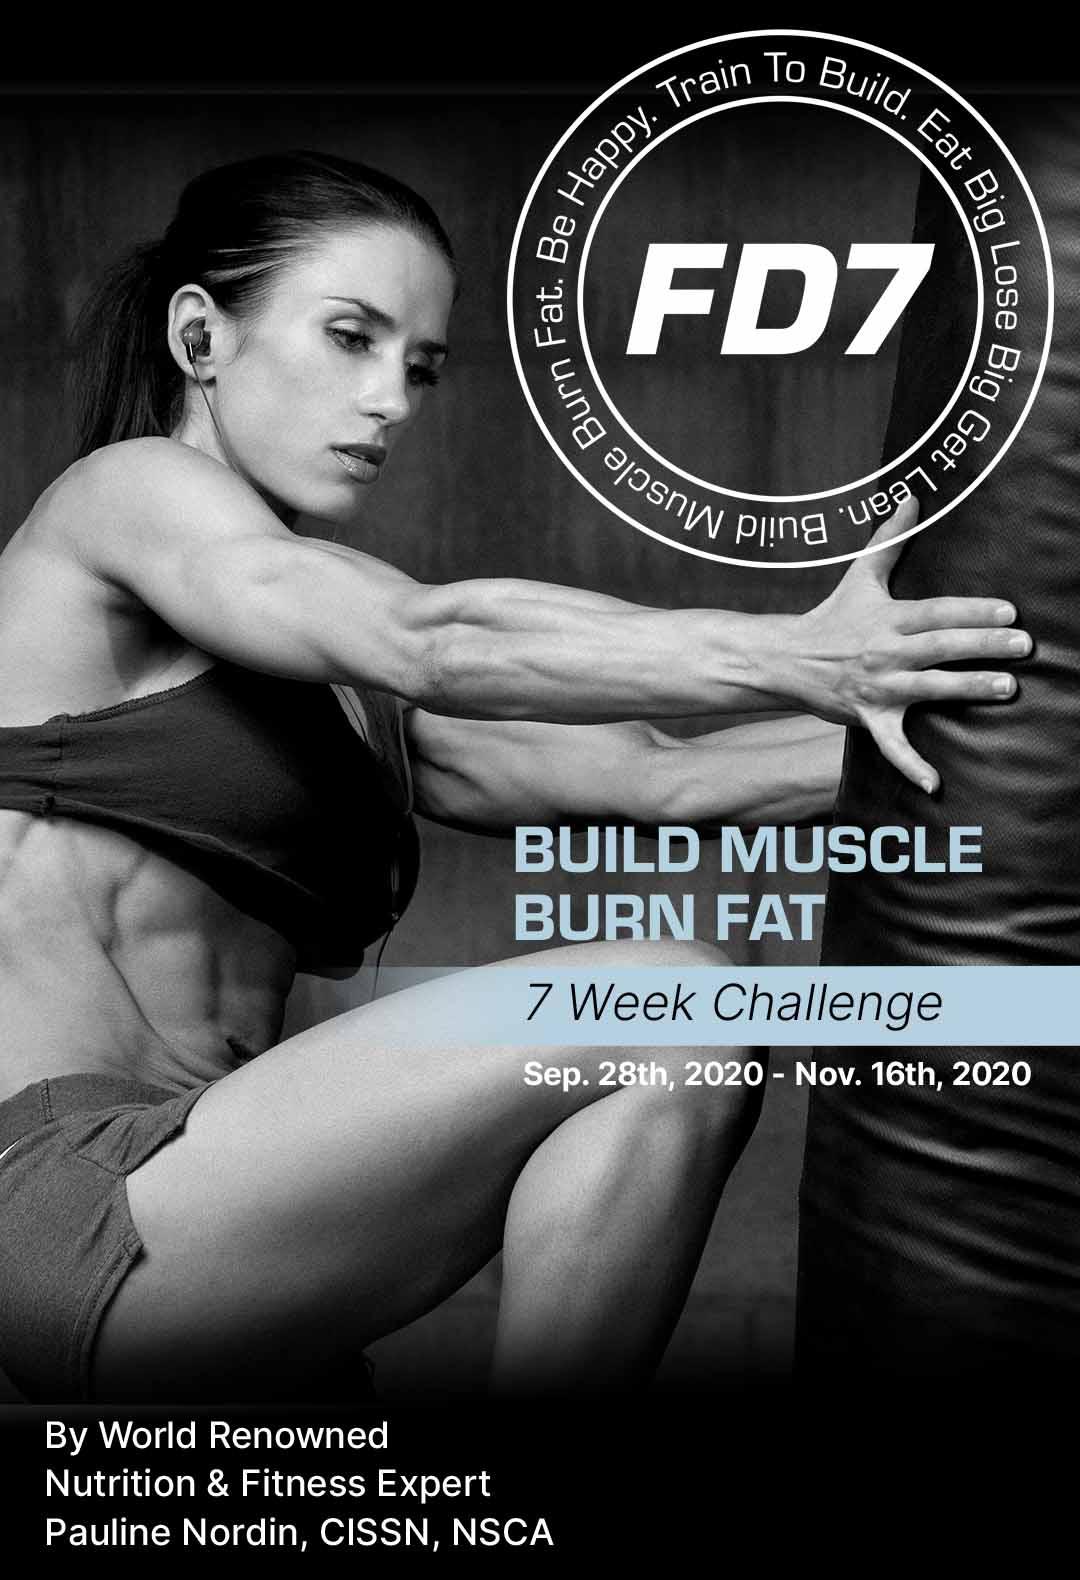 FD7 BUILD MUSCLE BURN FAT 7 WEEK CHALLENGE